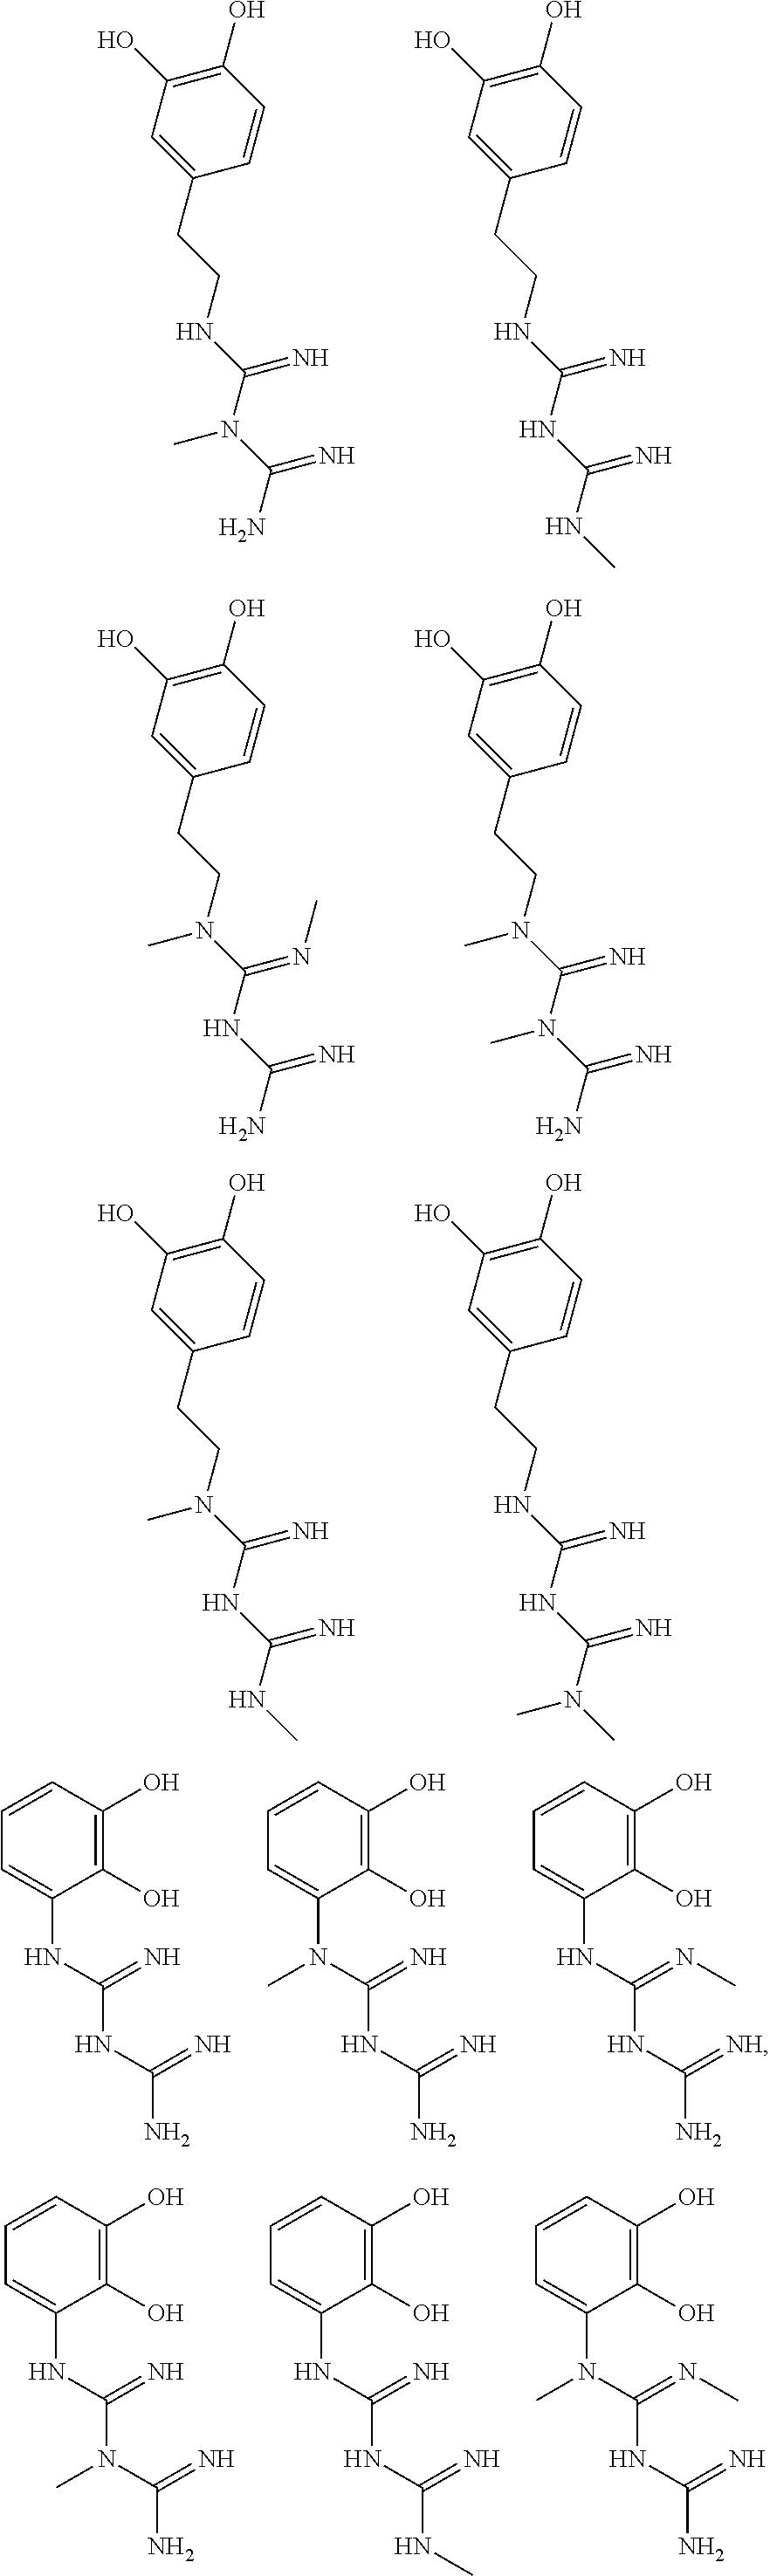 Figure US09480663-20161101-C00025